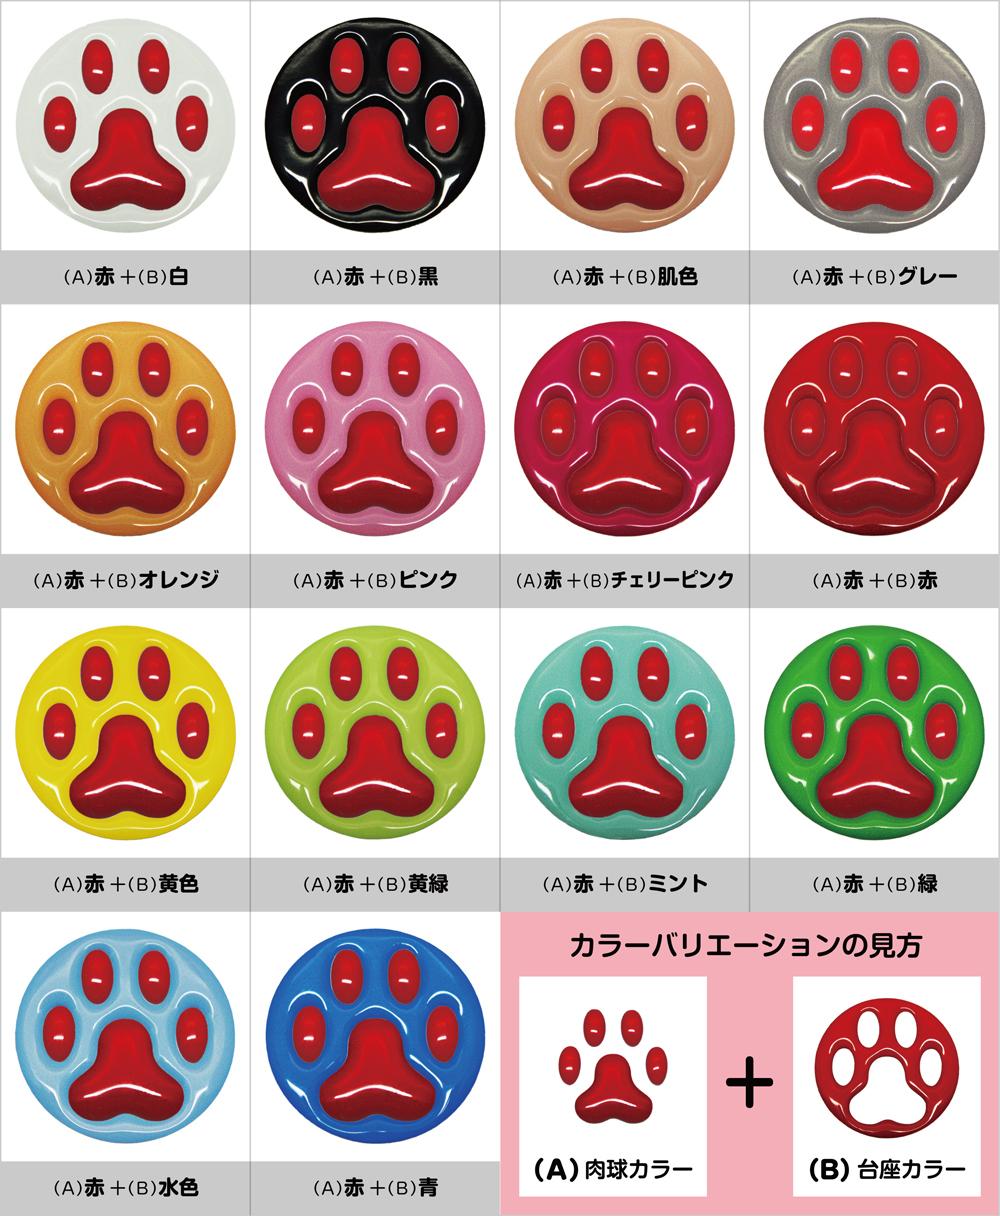 ぷっくり肉球シール 赤色タイプ 14種